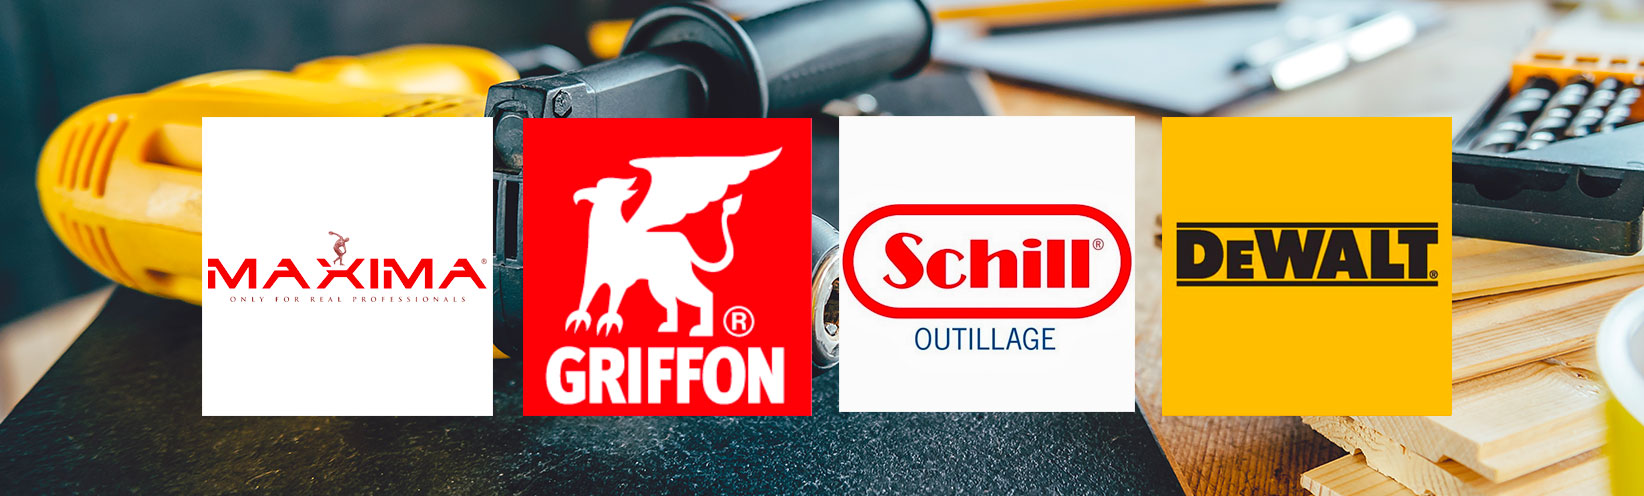 Outillage posé sur une table avec logo Maxima Griffon Schill Dewalt